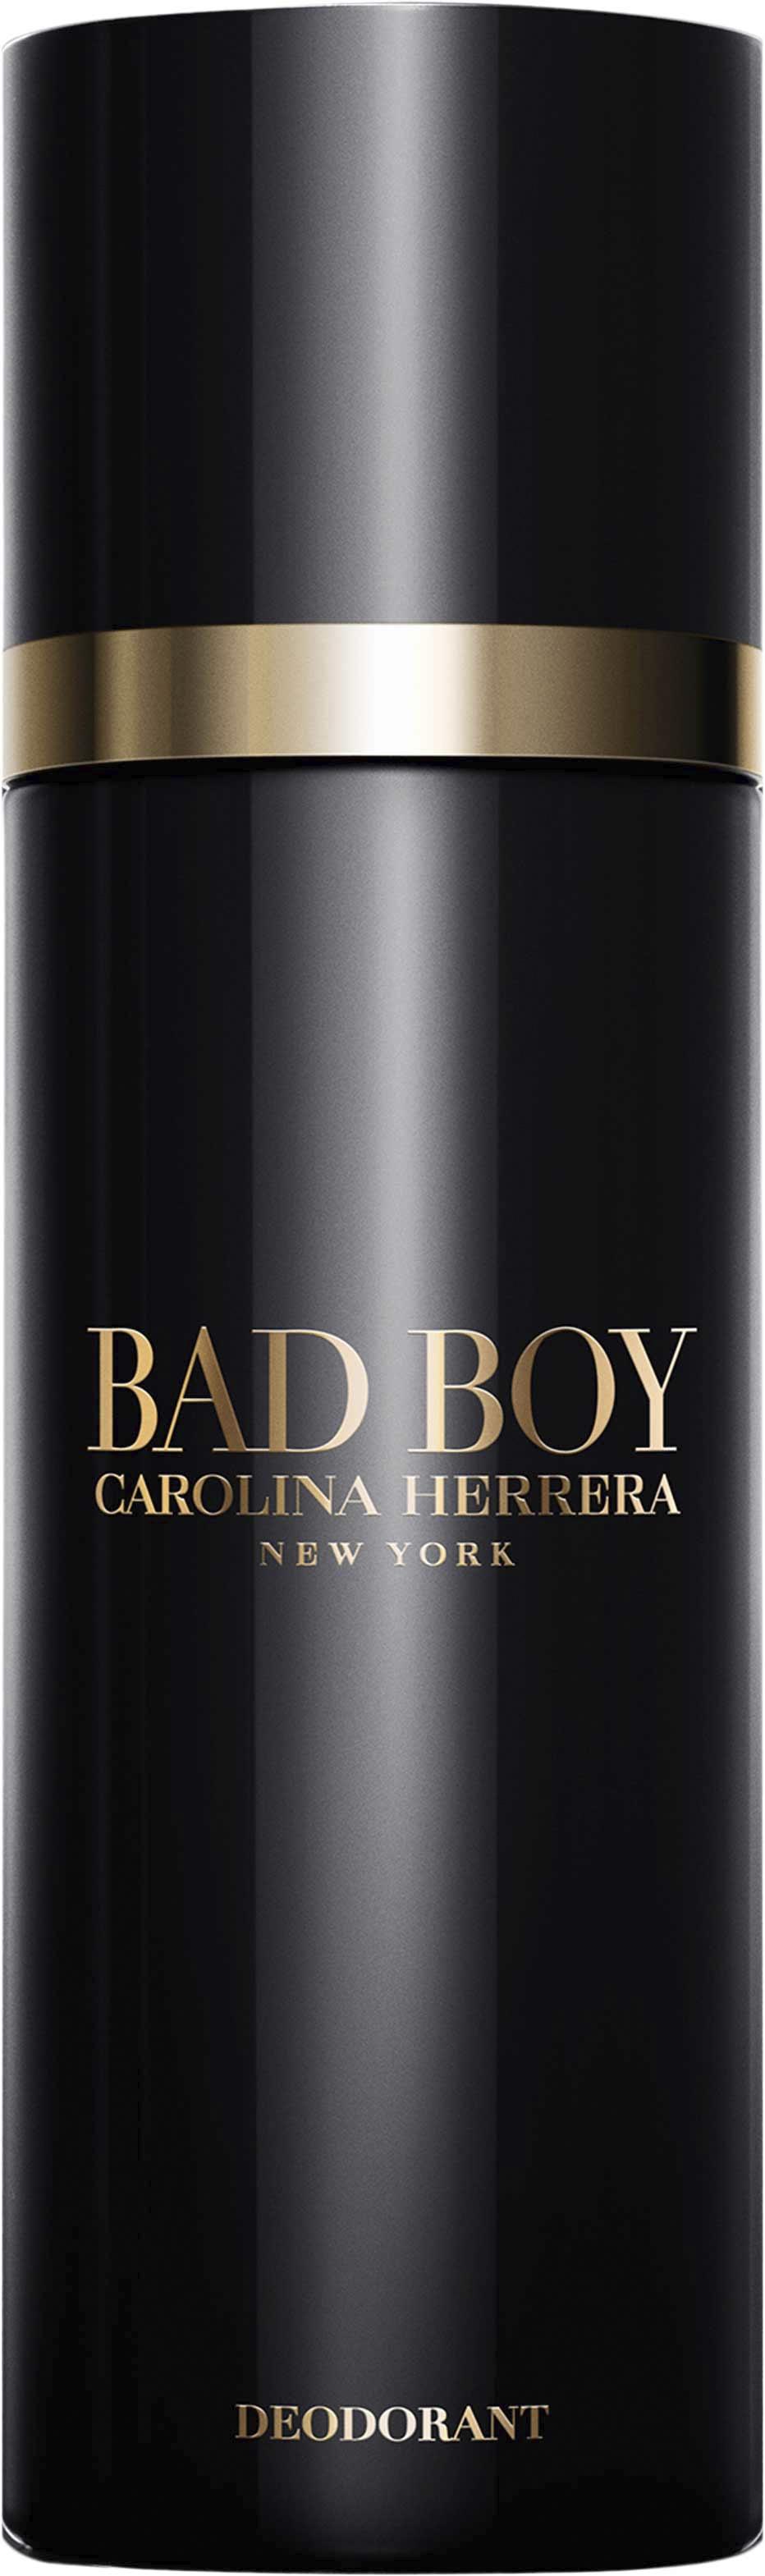 Carolina Herrera Bad Boy dezodorant w sprayu dla mężczyzn 100ml